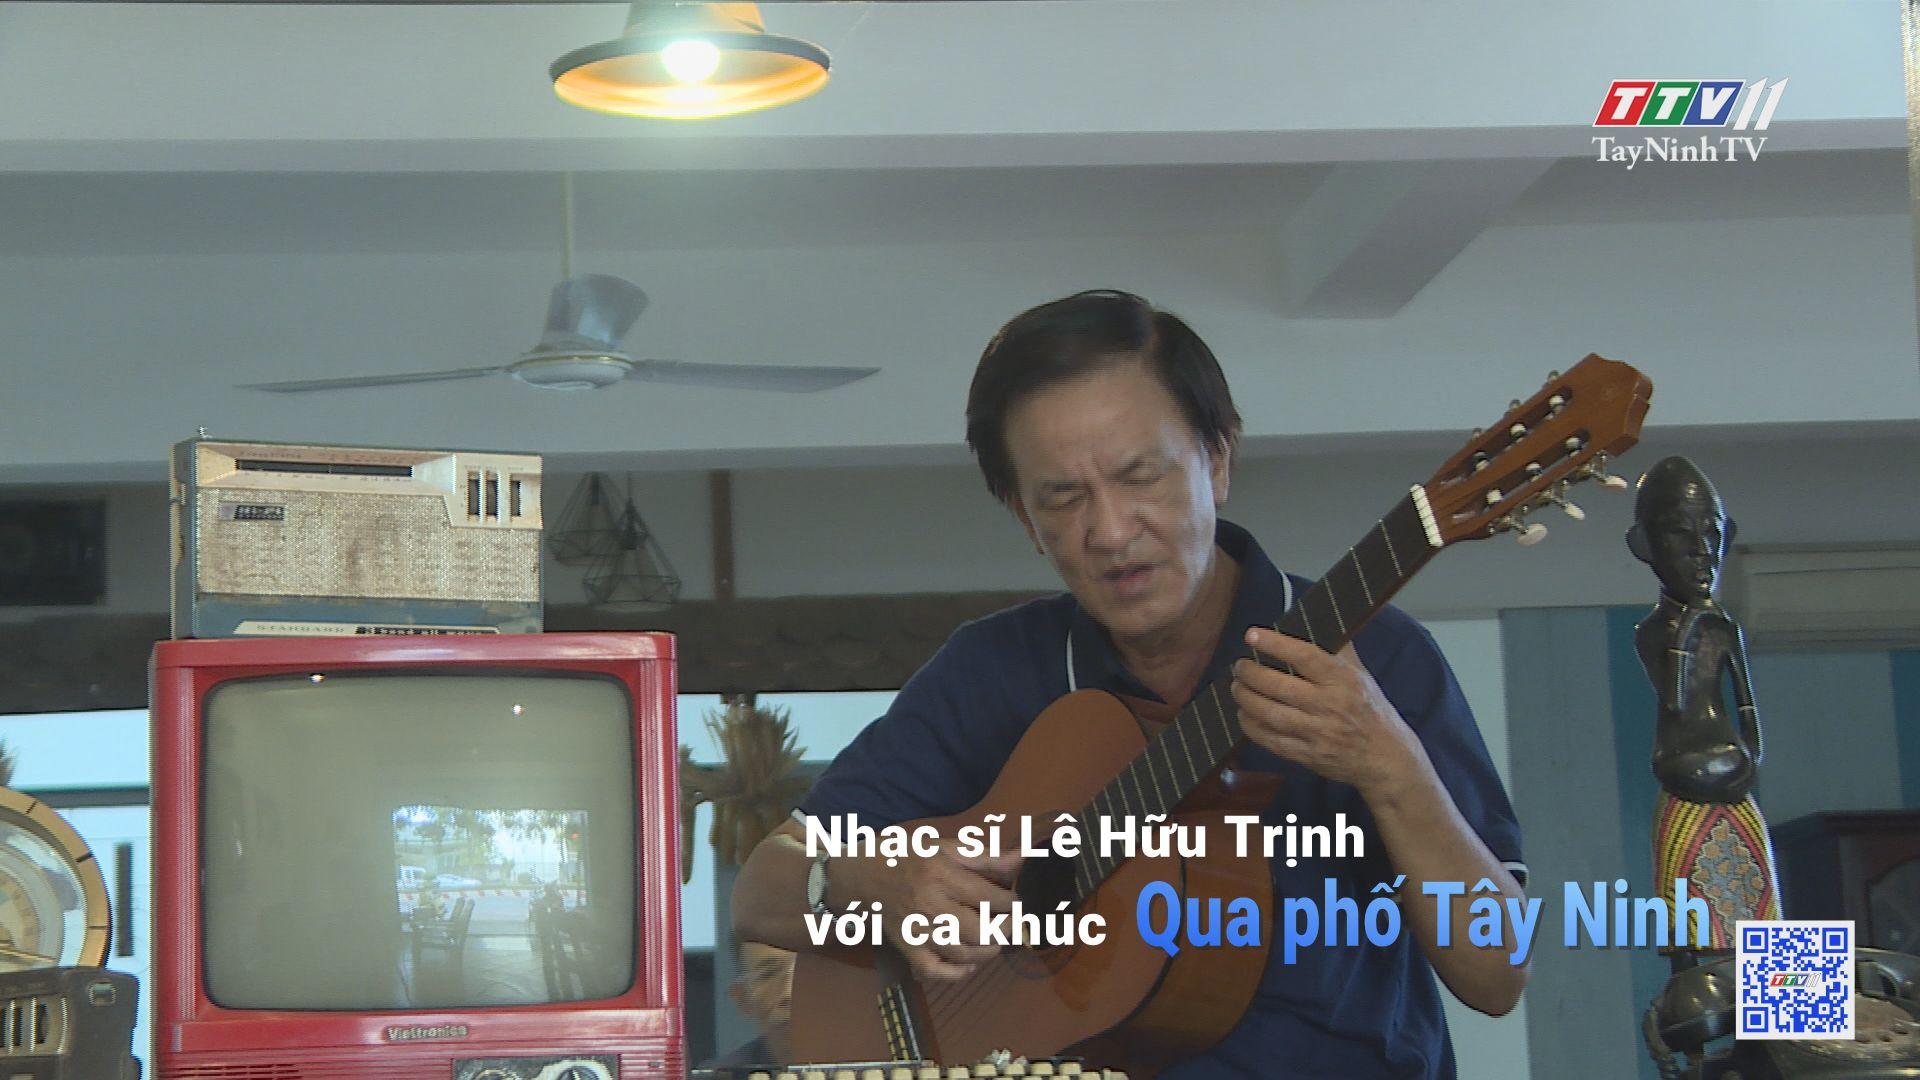 Qua phố Tây Ninh-Nhạc sĩ Lê Hữu Trịnh | TẠP CHÍ VĂN NGHỆ | TayNinhTV